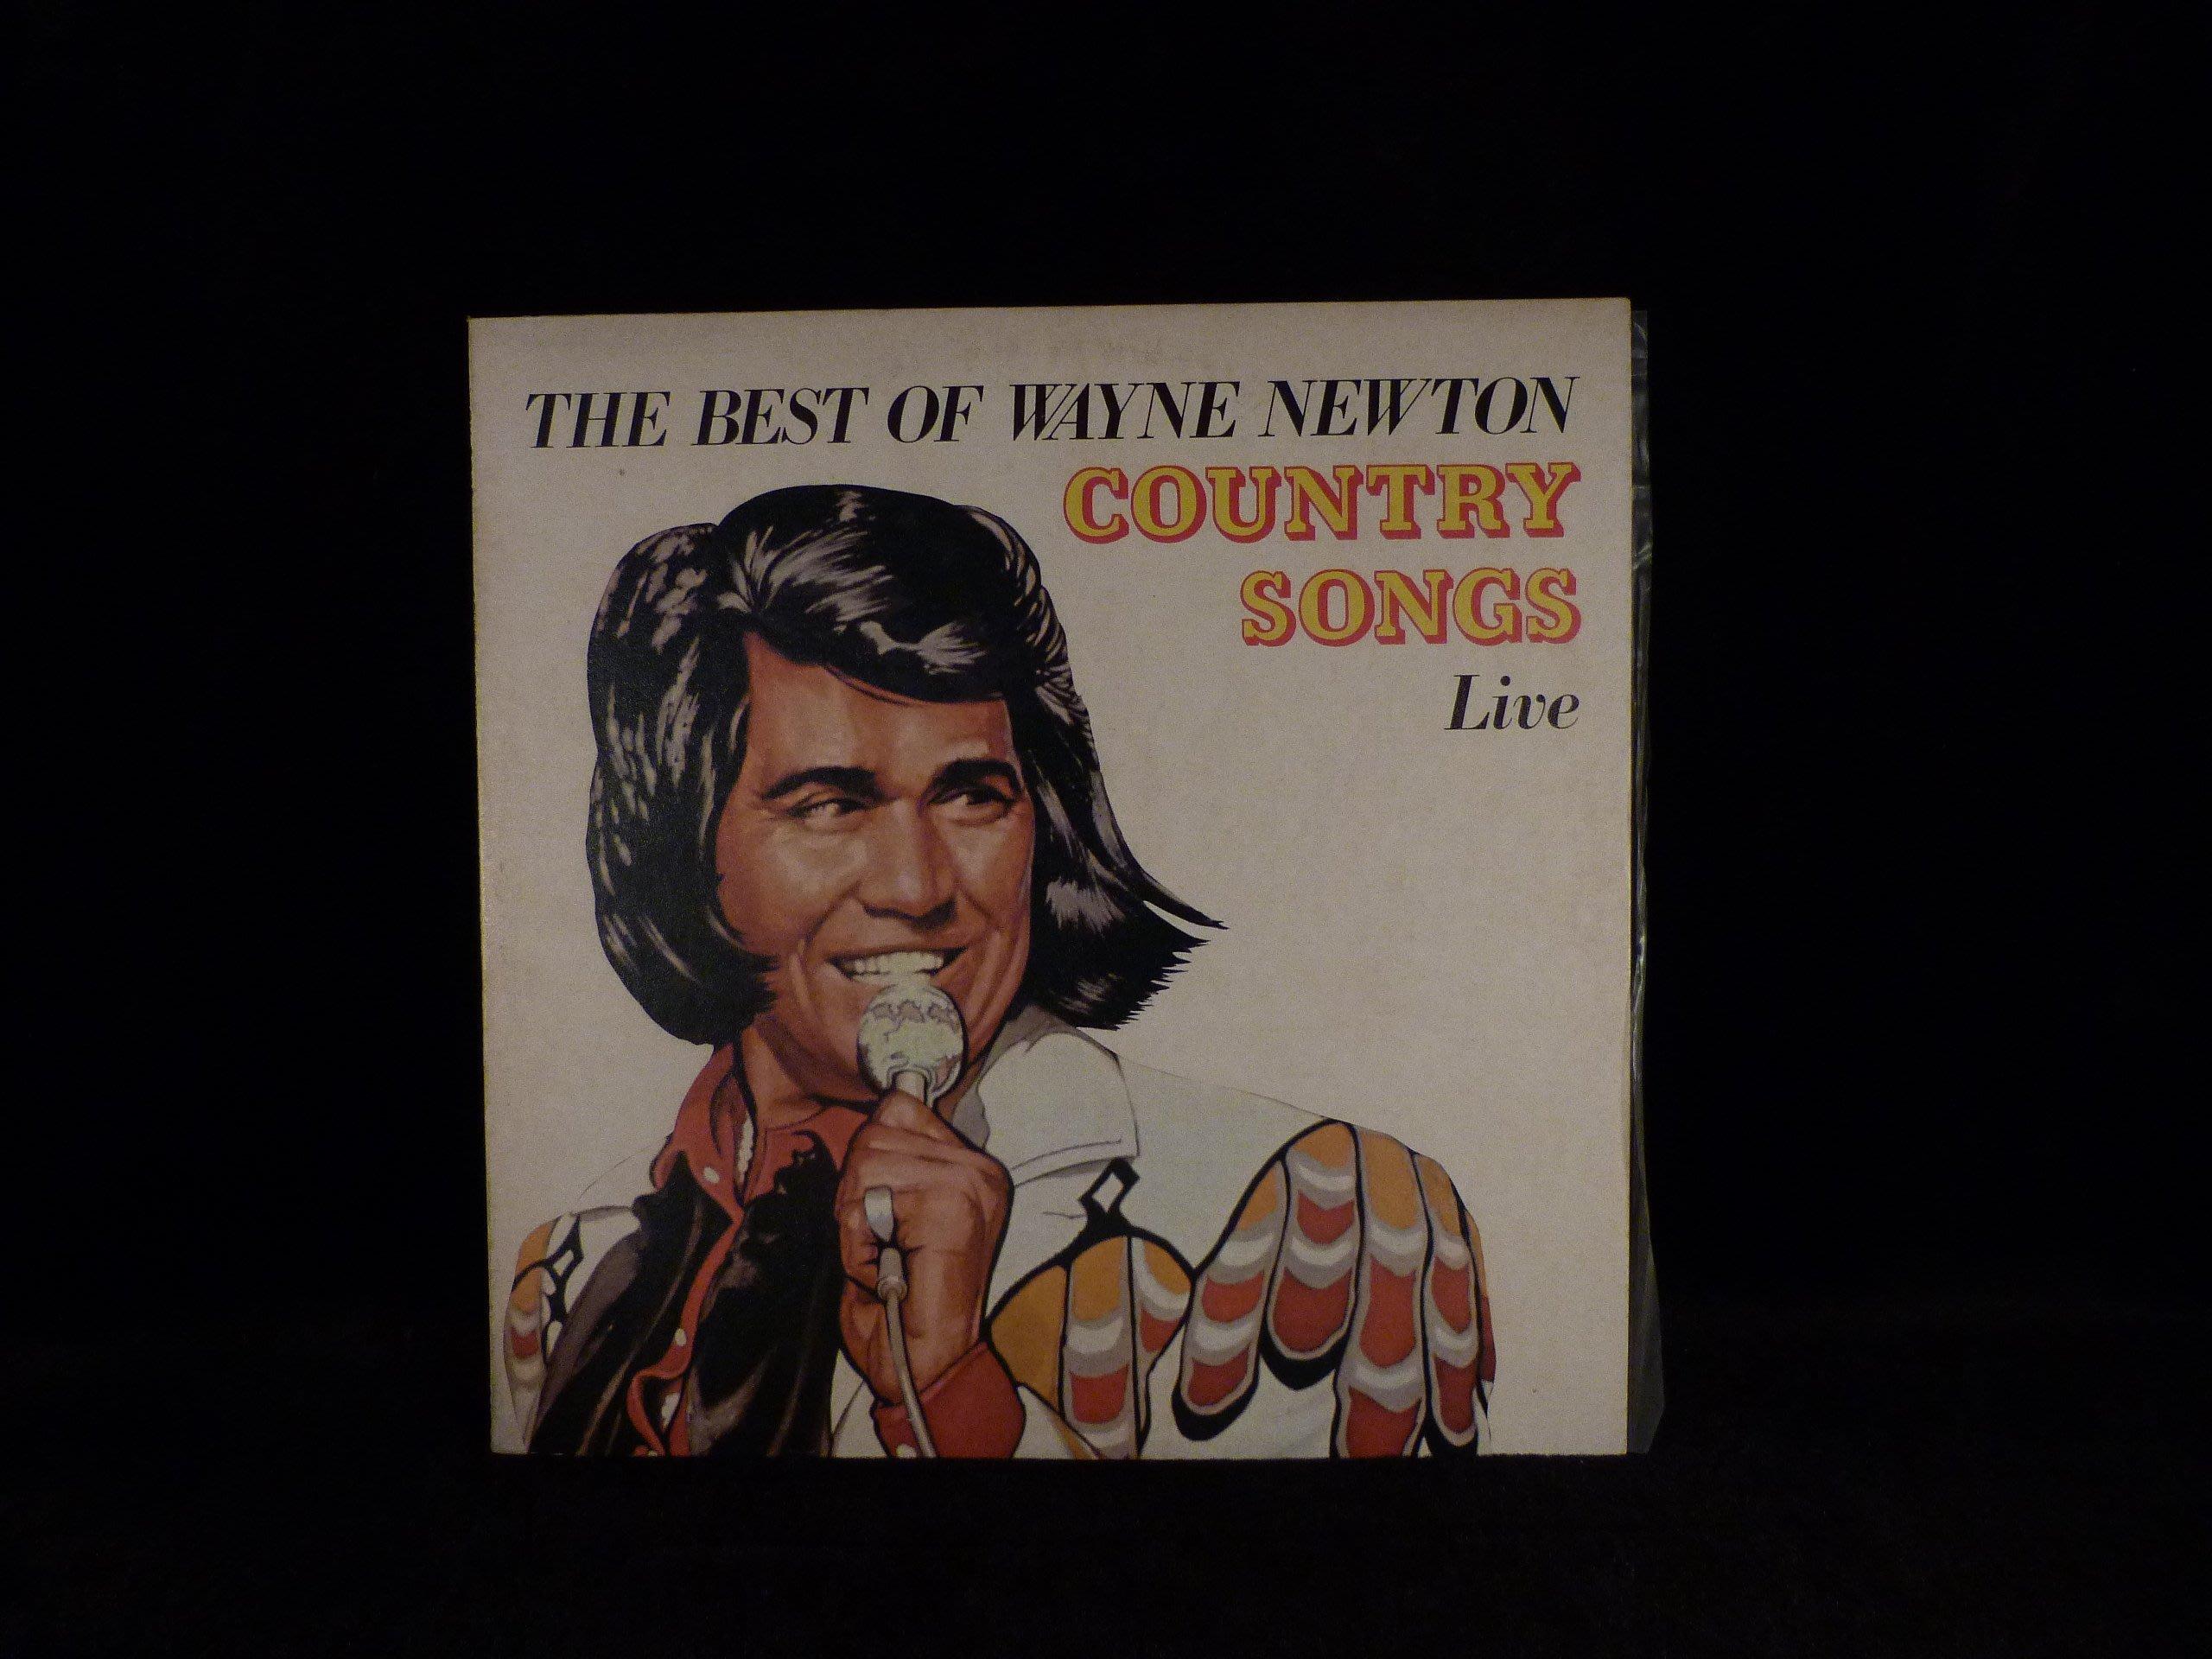 乖乖@賣場LP唱片12吋西洋黑膠 the best of wayne newton country songs liue